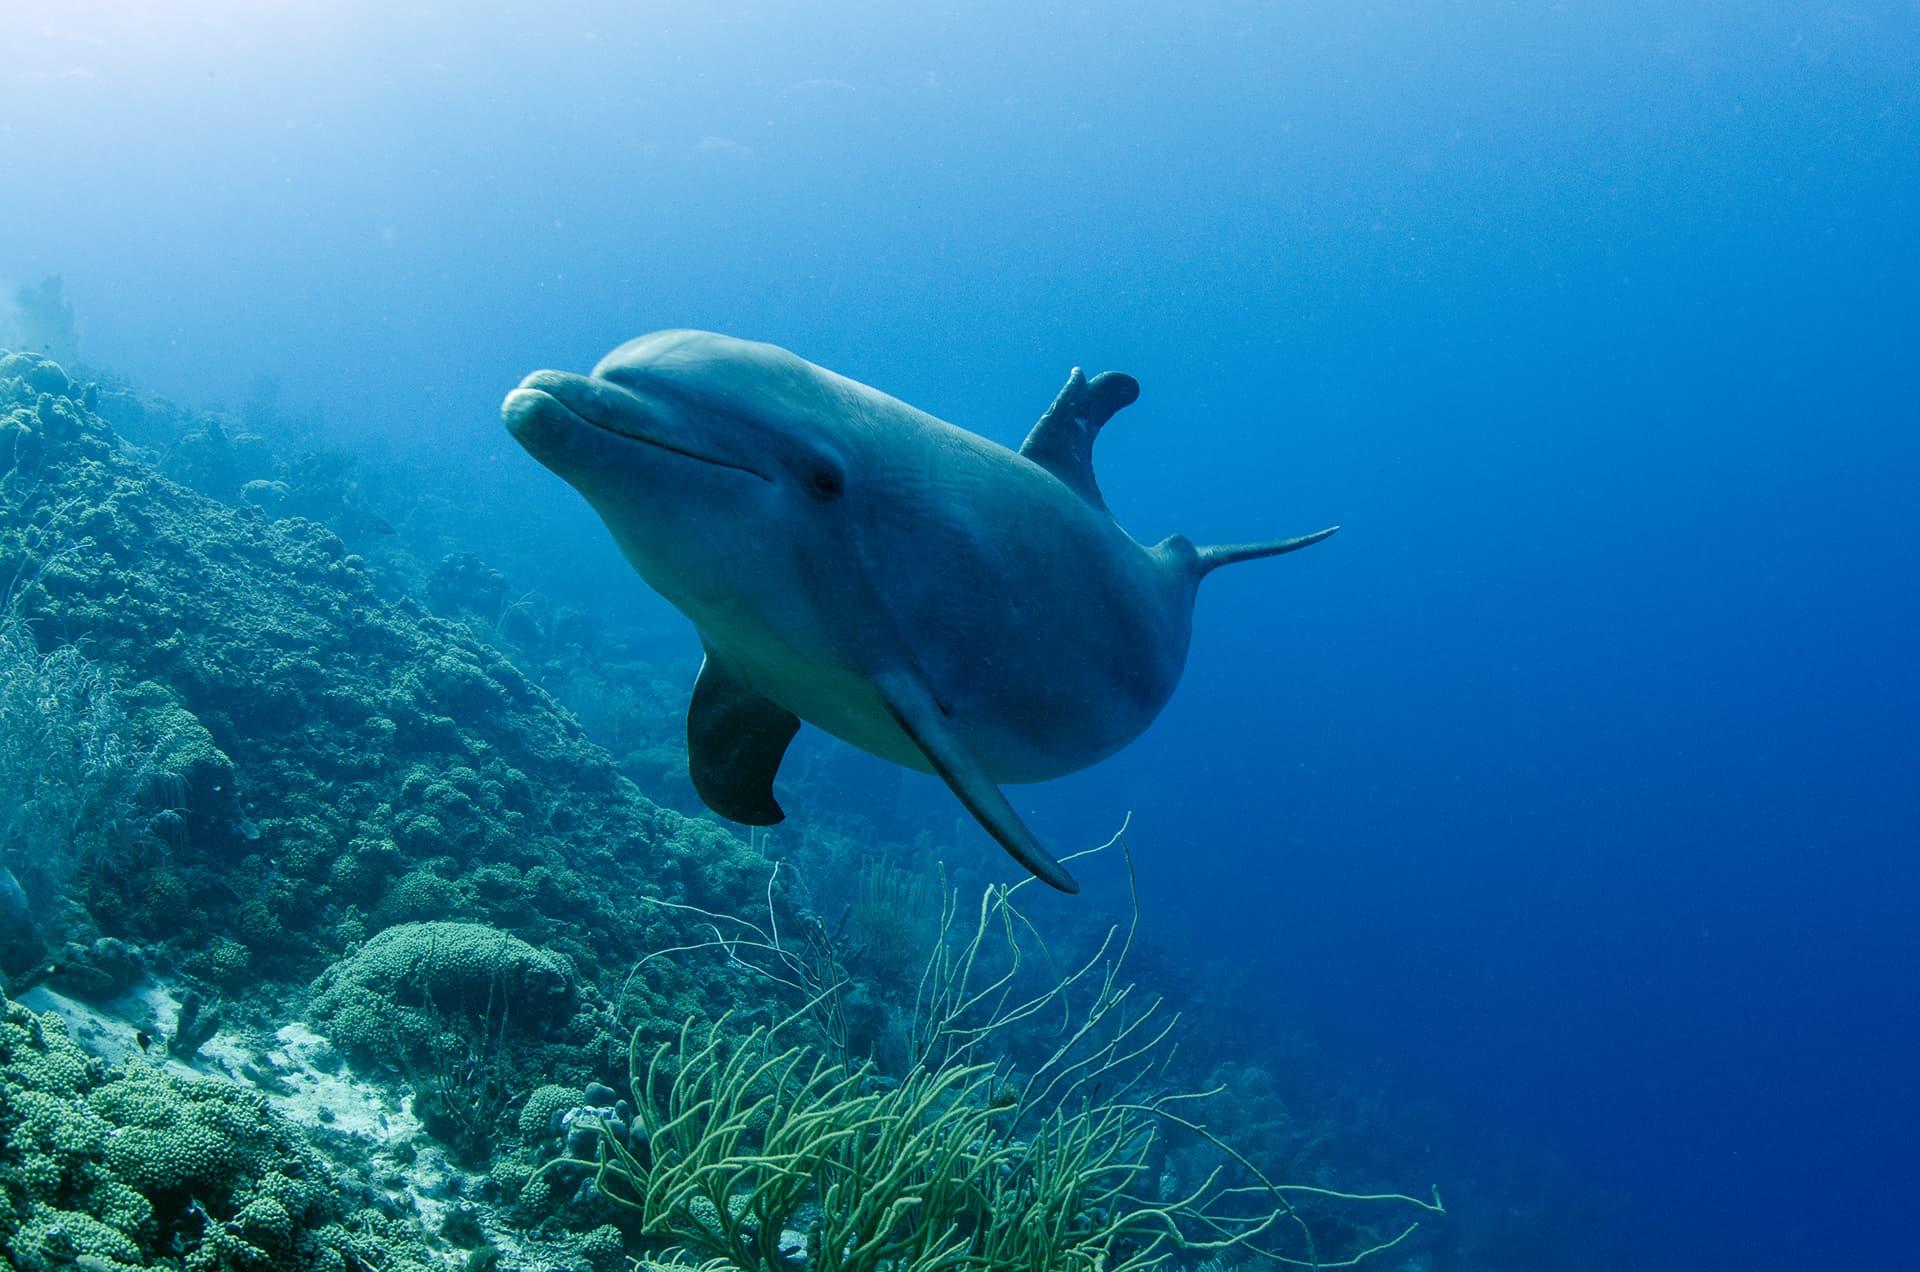 Een dolfijn in zijn dynamische karakter bij de Dolphin Academy op Curaçao.